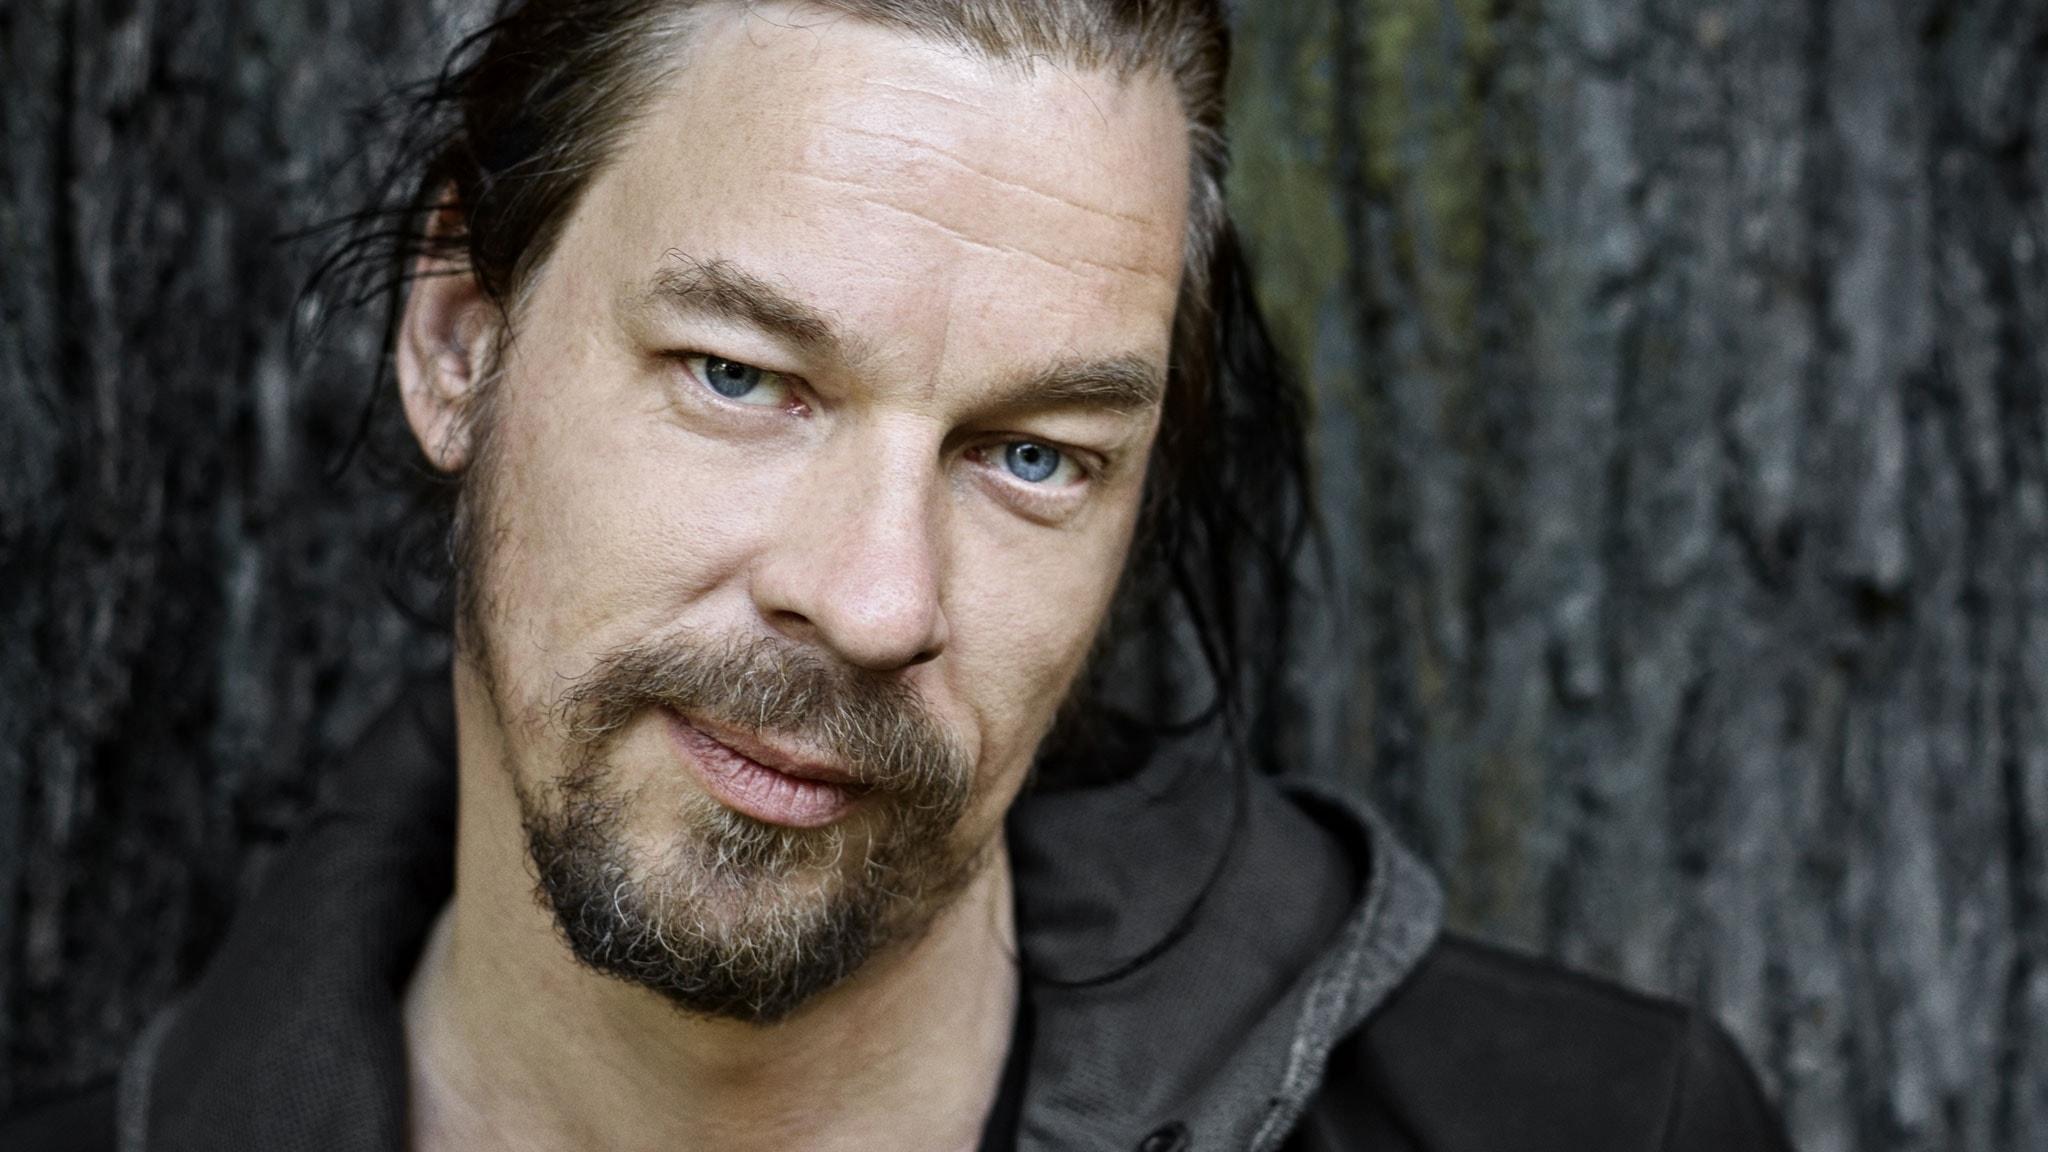 Bob Hansson - Dagens uppdrag: Sök förundran!